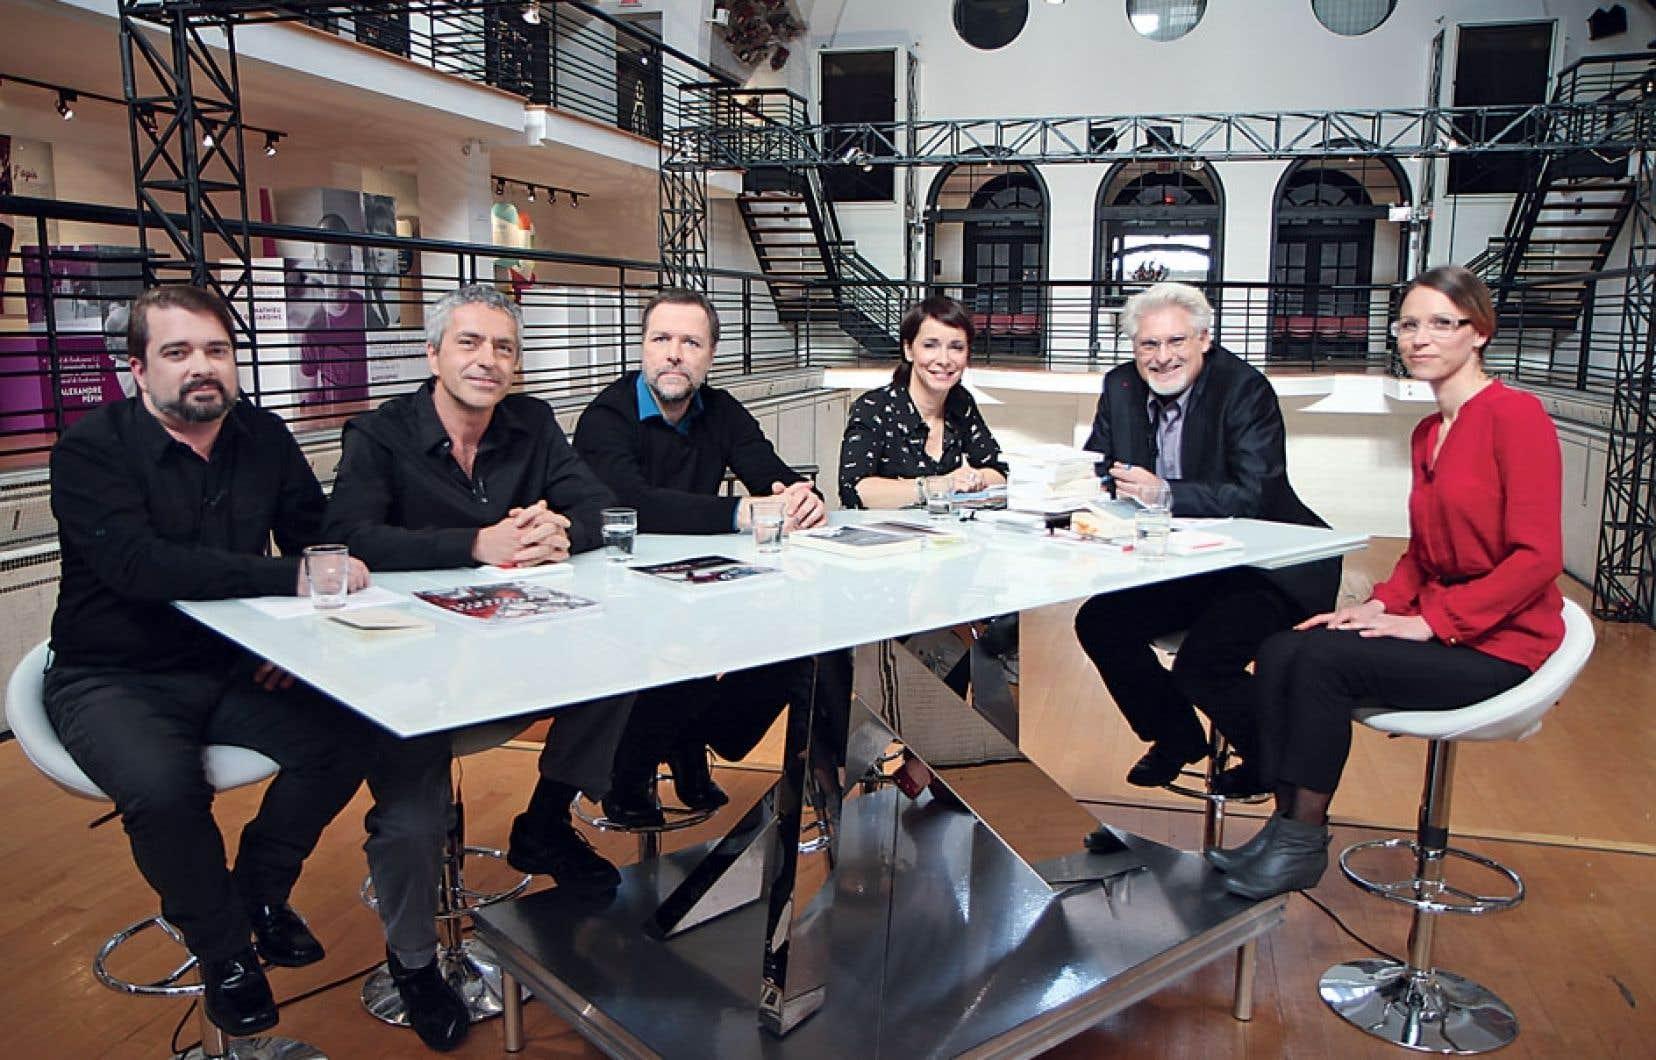 En lançant Matv en 2012, on a voulu attirer plus de public en faisant appel à des visages connus, Jean Barbe (deuxième à partir de la droite) par exemple, animateur d'une émission sur la littérature.